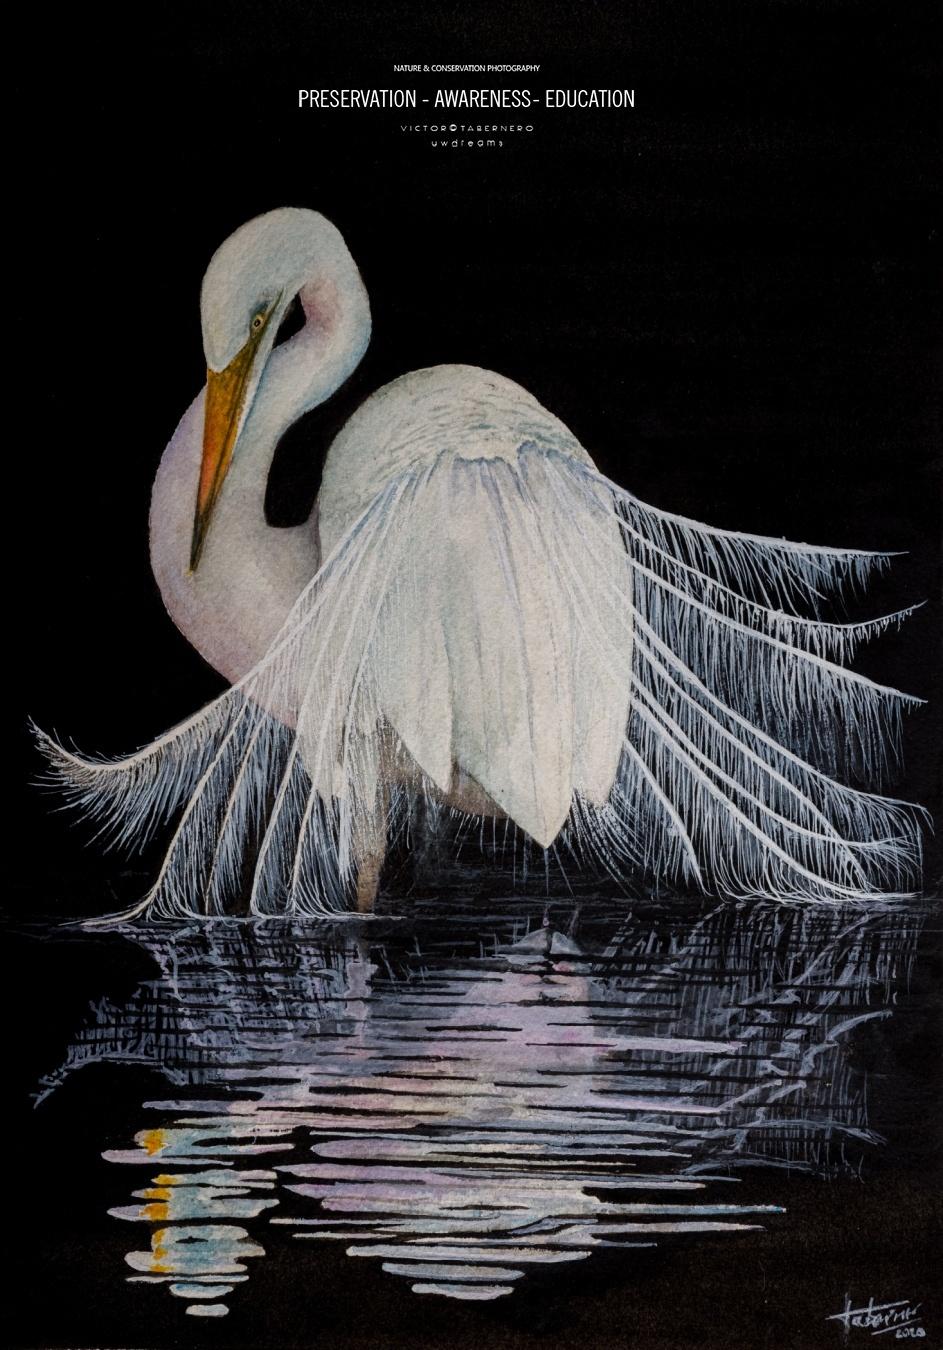 Heron - 31x23cm - Vida Salvaje - Wildlife Conservation Photography, UWDREAMS.COM